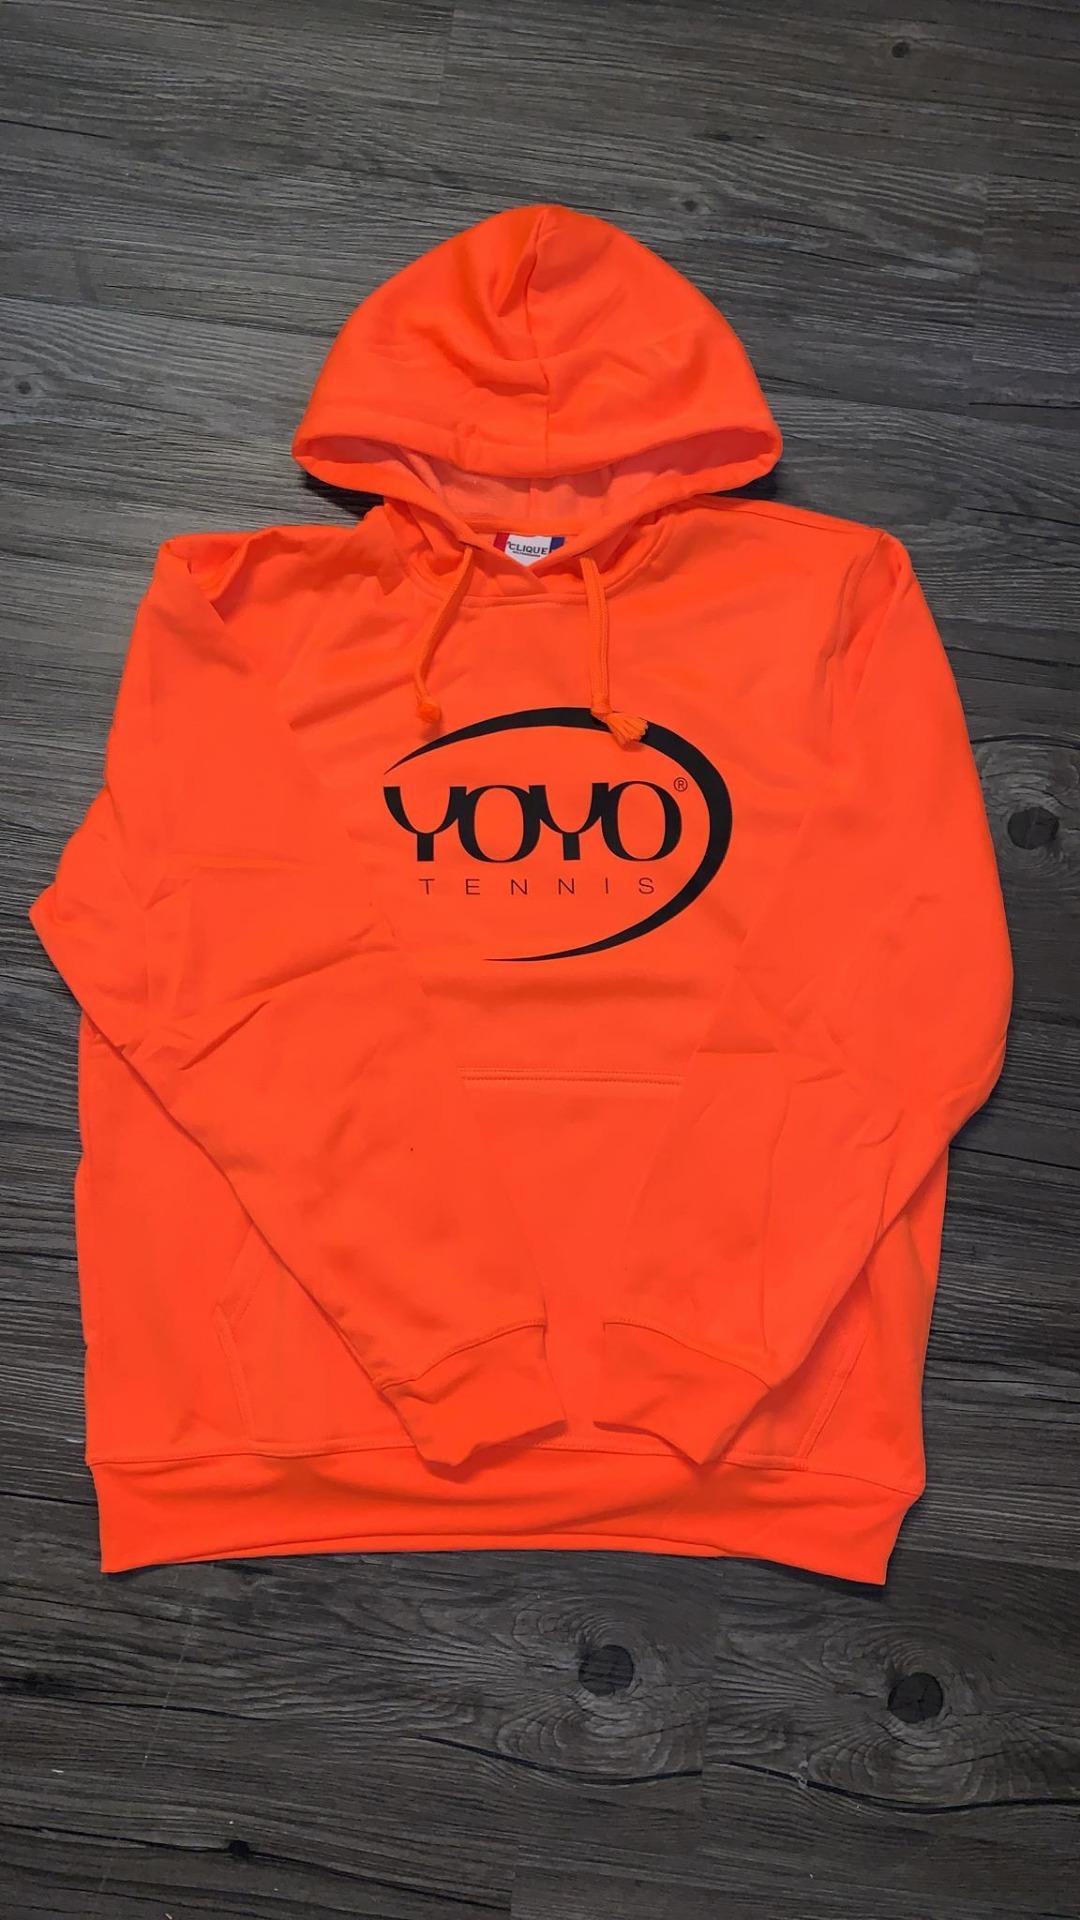 YOYO-TENNIS Hoody Arancione Fluo con Logo Nero 1